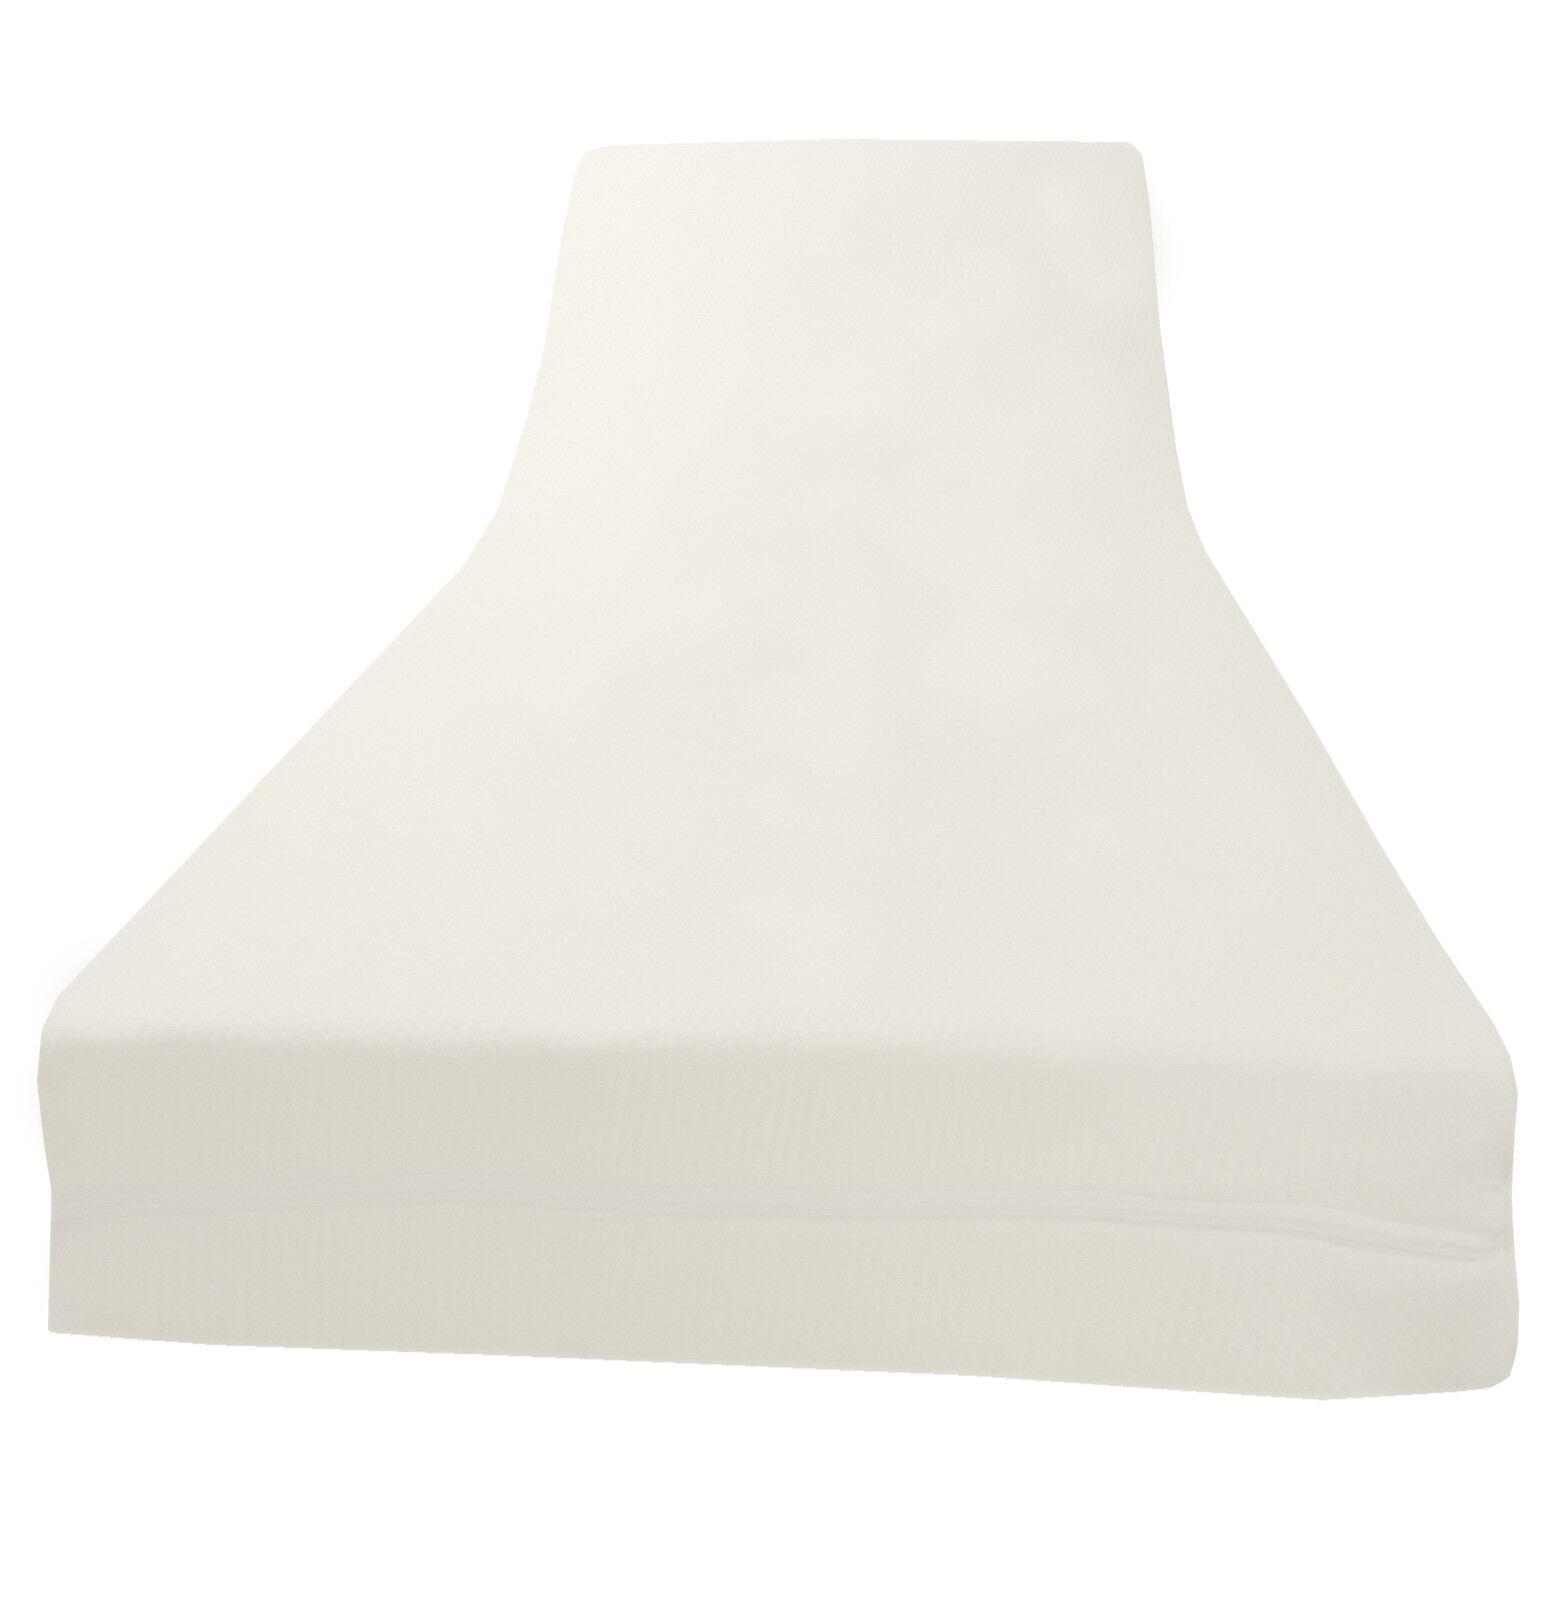 Viscoelastische Matratzenauflage Visco auflage + Bezug 5 cm